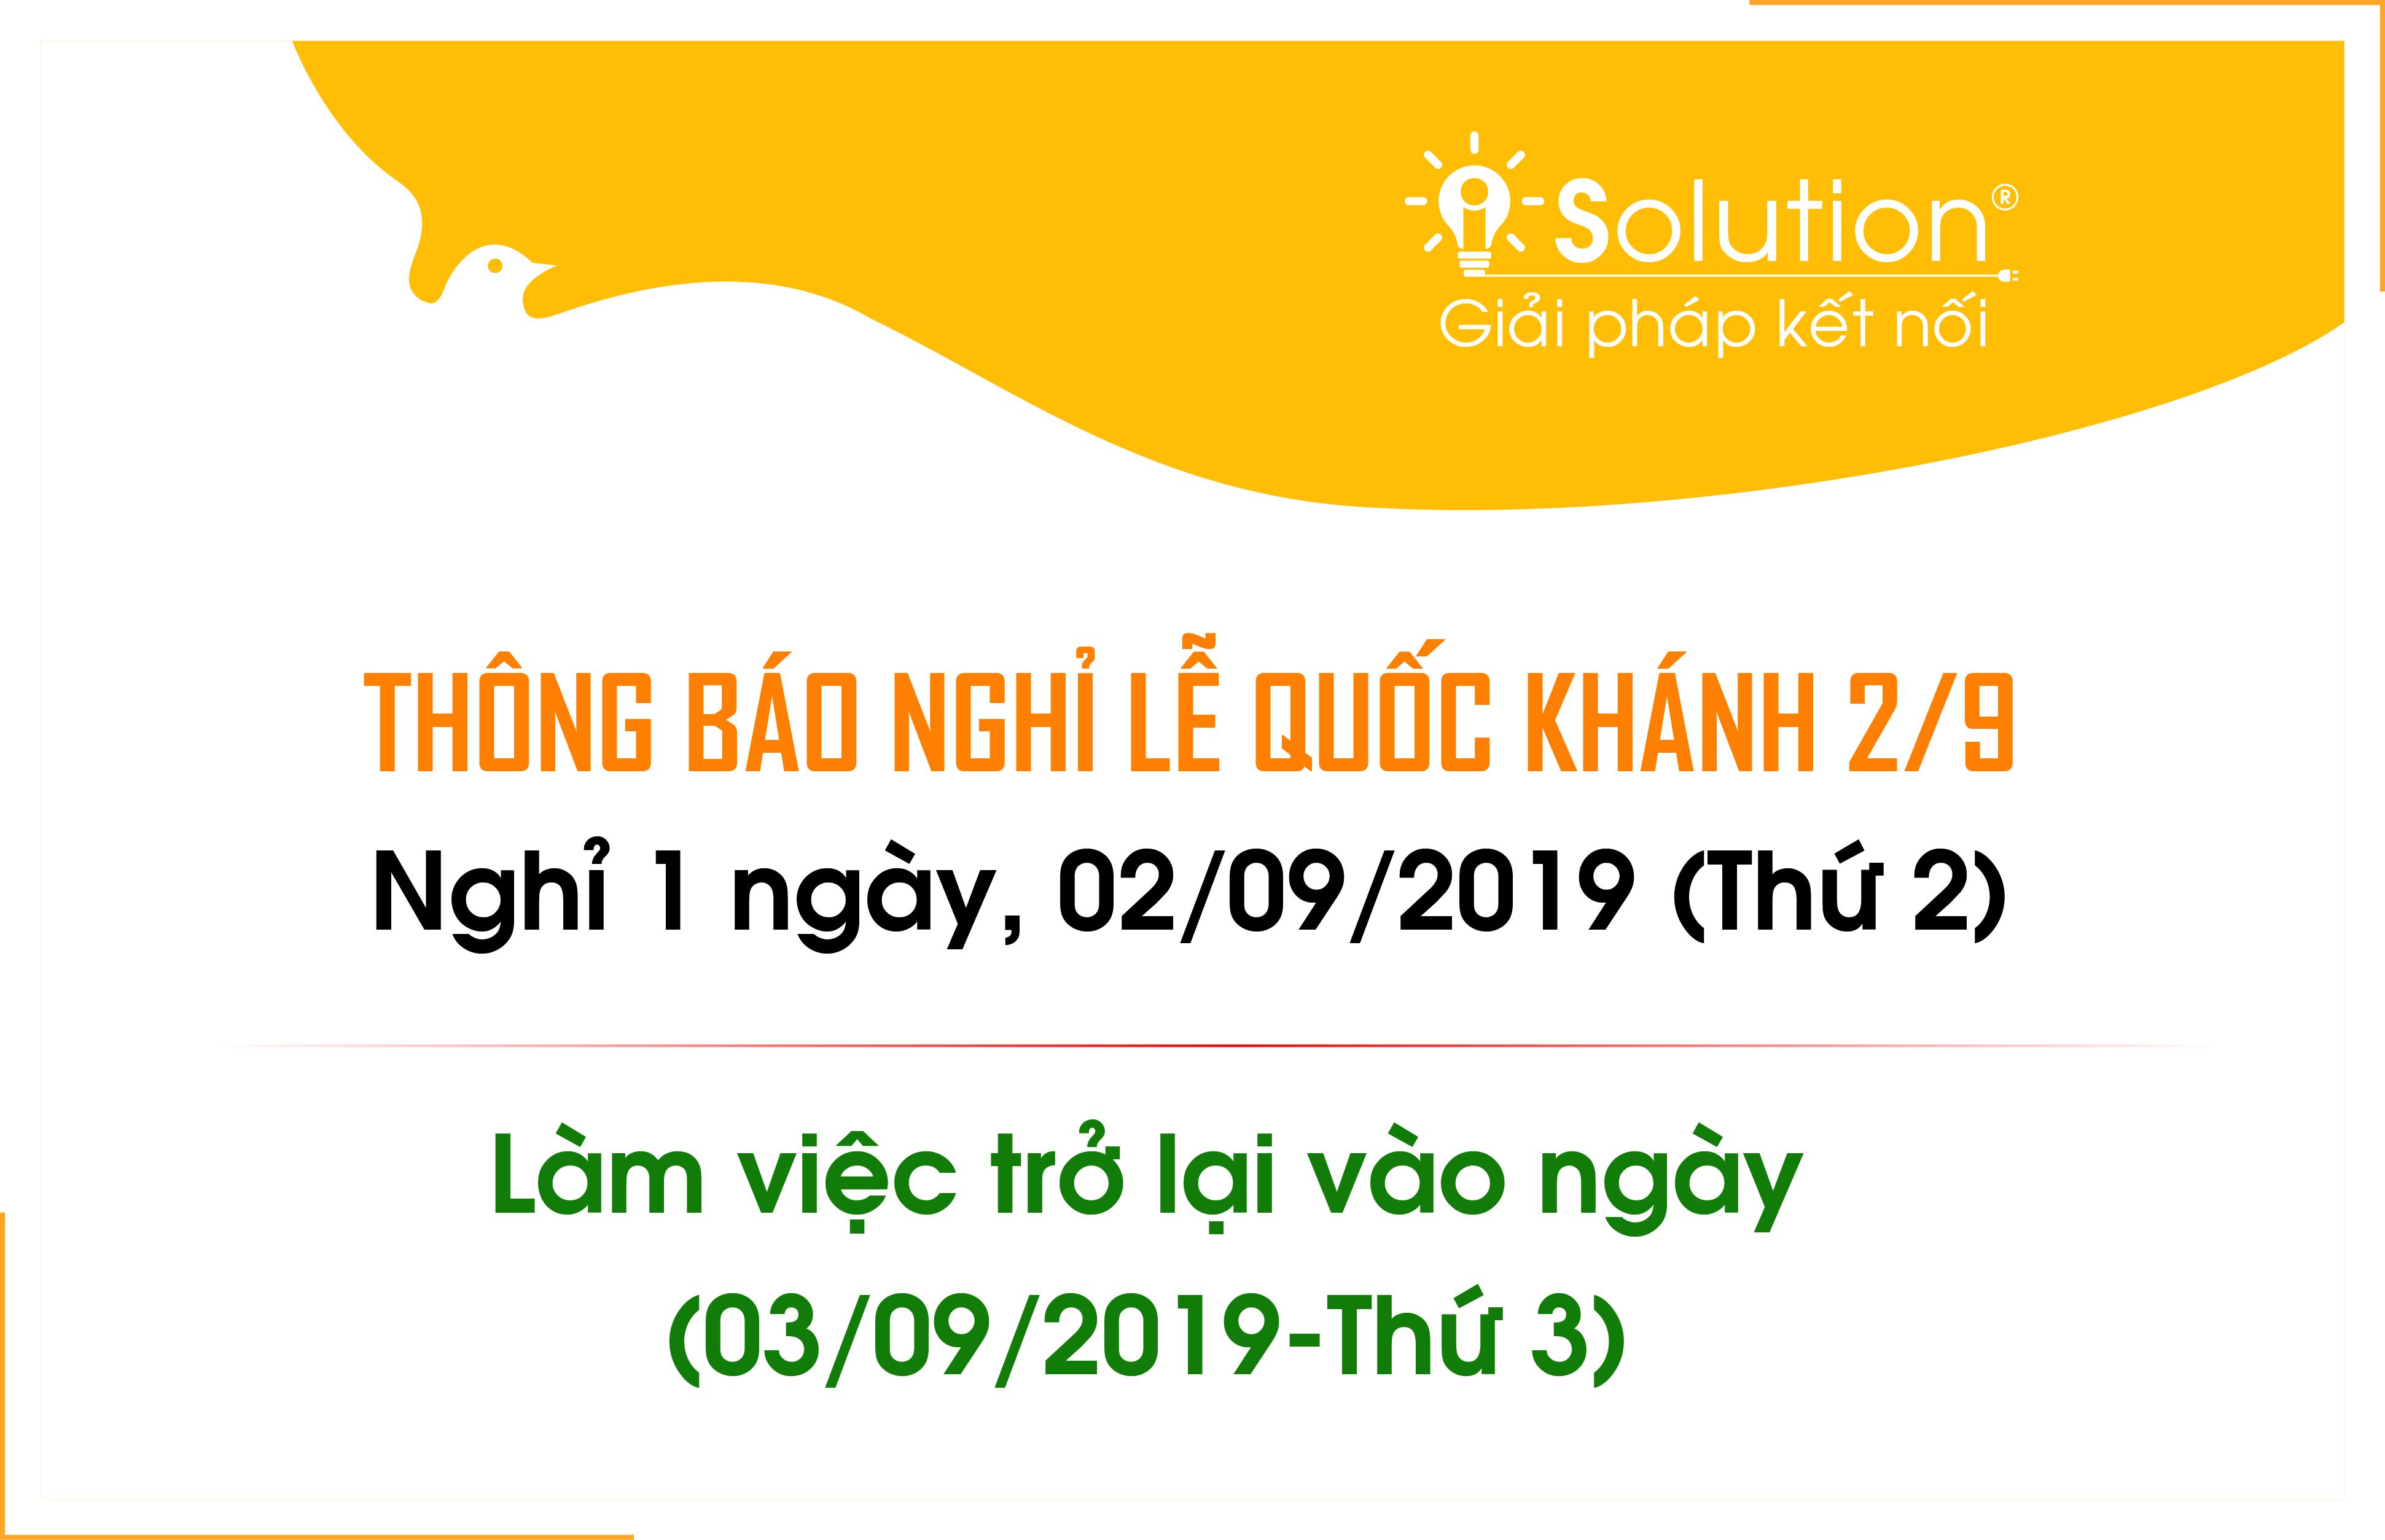 Thông báo nghỉ lễ ngày quốc khánh Việt Nam